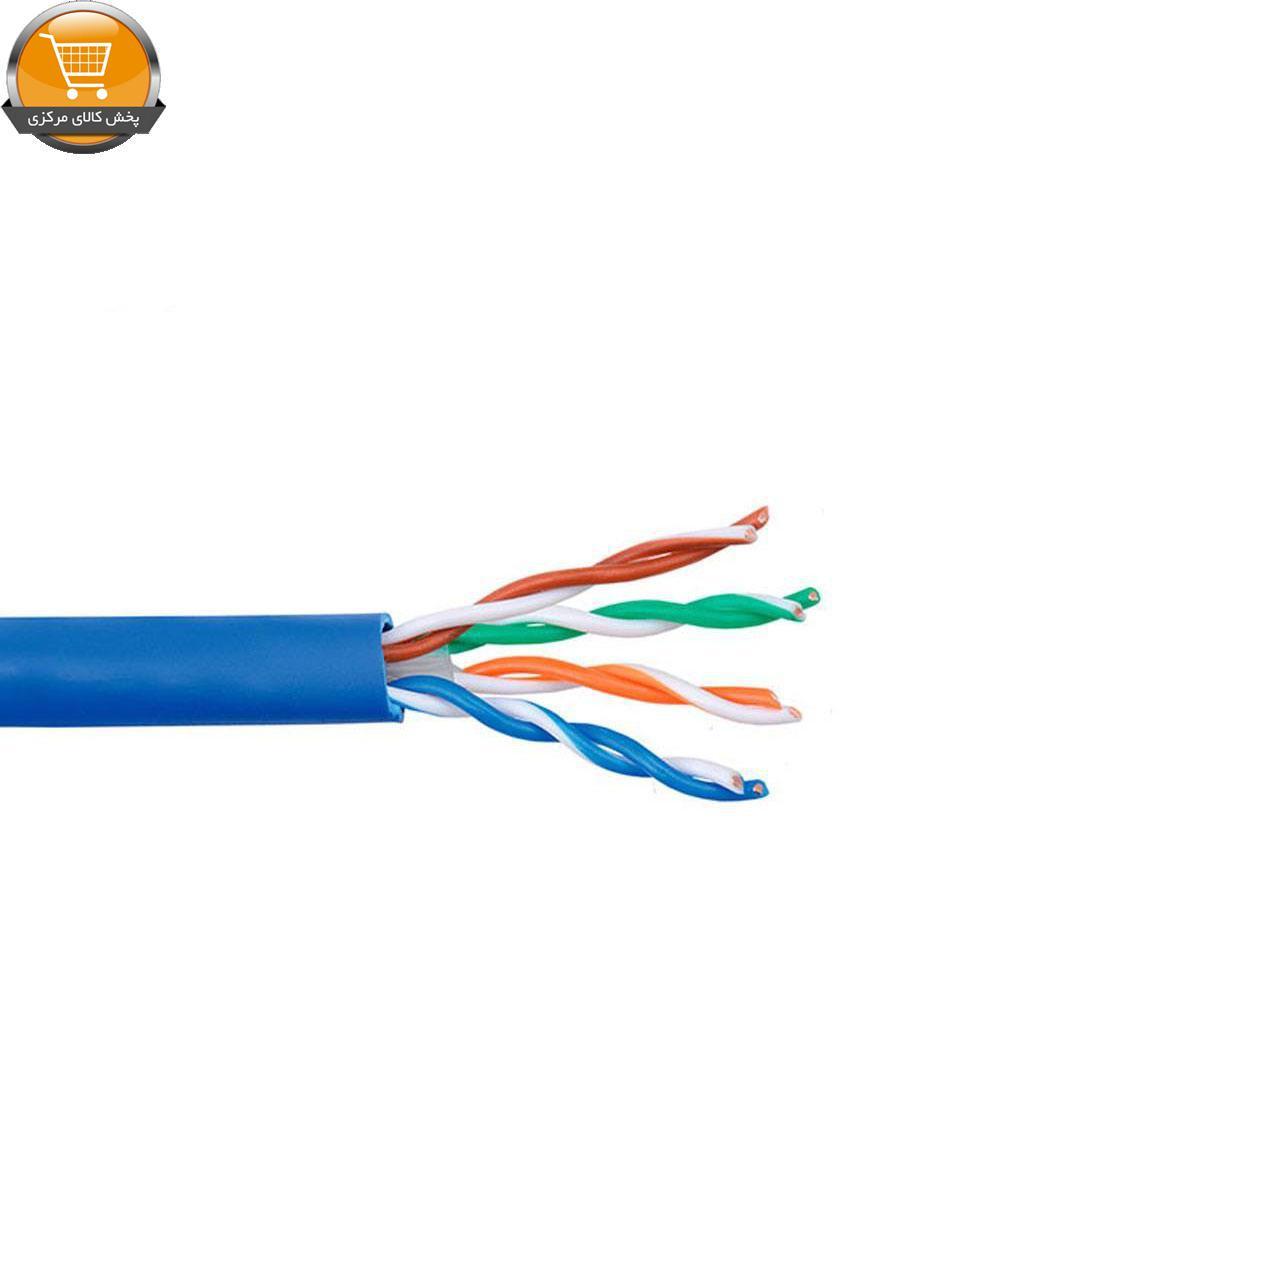 کابل شبکه Cat 6 UTP لگرند تست فلوک به طول ۳۰۵ متر |